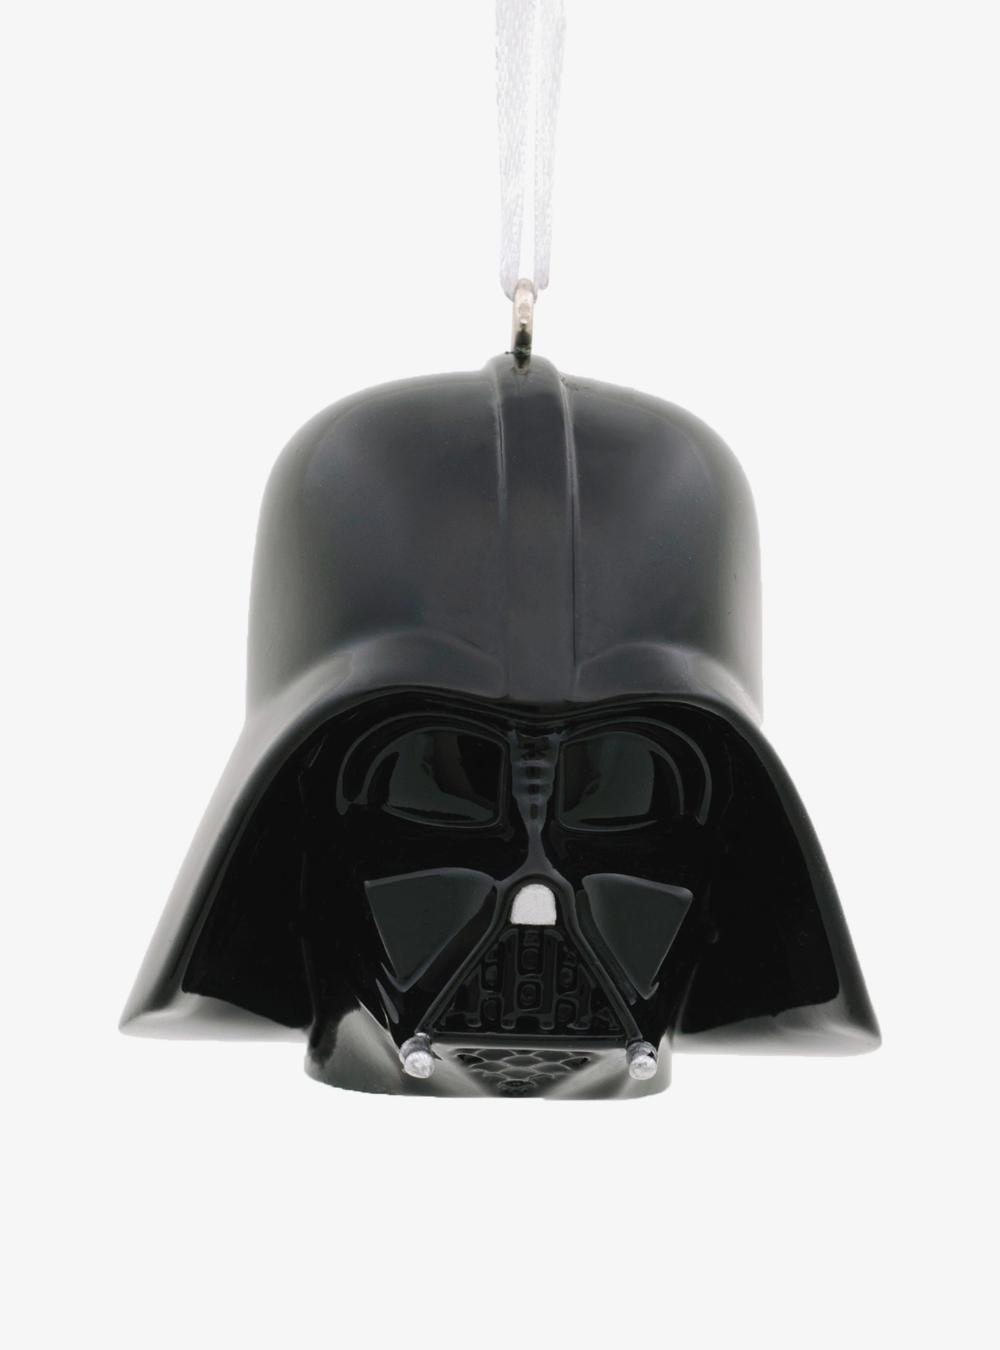 Star Wars Darth Vader Helmet Ornament Darth Vader Helmet Vader Helmet Star Wars Darth Vader